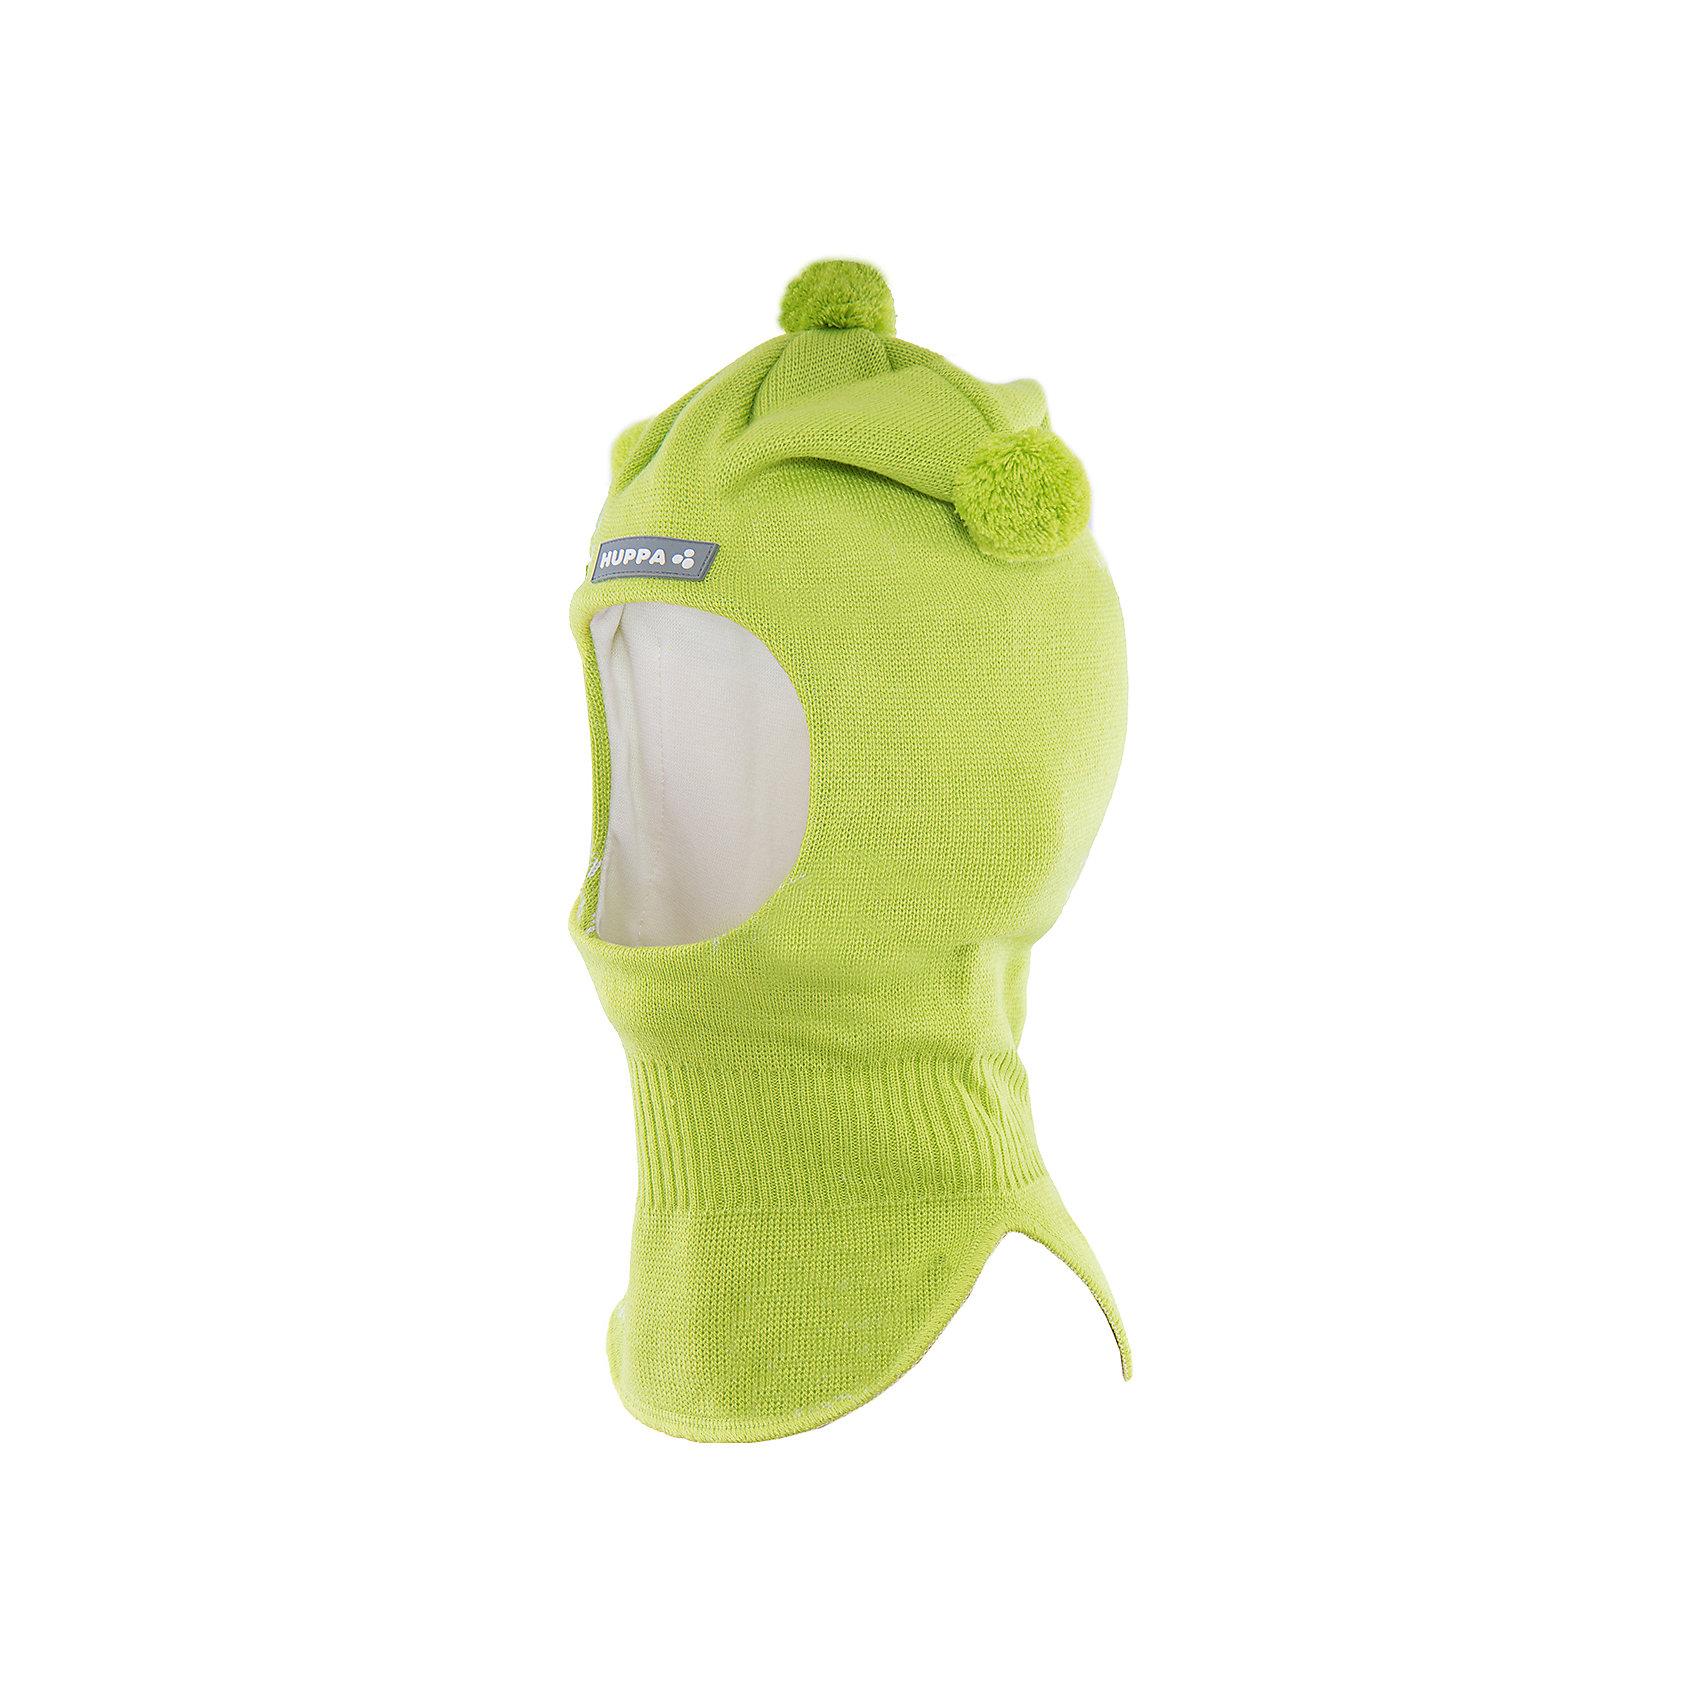 Шапка-шлем   HuppaШапка-шлем COCO Huppa(Хуппа) отлично подойдет для холодной зимы. Она идеально защитит голову, шею и уши ребенка от холода и ветра. В области шеи есть удобная широкая резинка для максимальной защиты от мороза. Шапка украшена тремя помпонами. Прекрасный вариант для долгих прогулок.<br><br>Дополнительная информация:<br>Материал: 50% шерсть мериноса, 50% акрил<br>Подкладка: хлопок<br>Цвет: салатовый<br><br>Шапку-шлем  Huppa(Хуппа) можно приобрести в нашем интернет-магазине.<br><br>Ширина мм: 89<br>Глубина мм: 117<br>Высота мм: 44<br>Вес г: 155<br>Цвет: зеленый<br>Возраст от месяцев: 9<br>Возраст до месяцев: 12<br>Пол: Мужской<br>Возраст: Детский<br>Размер: 43-45,51-53,47-49<br>SKU: 4923866